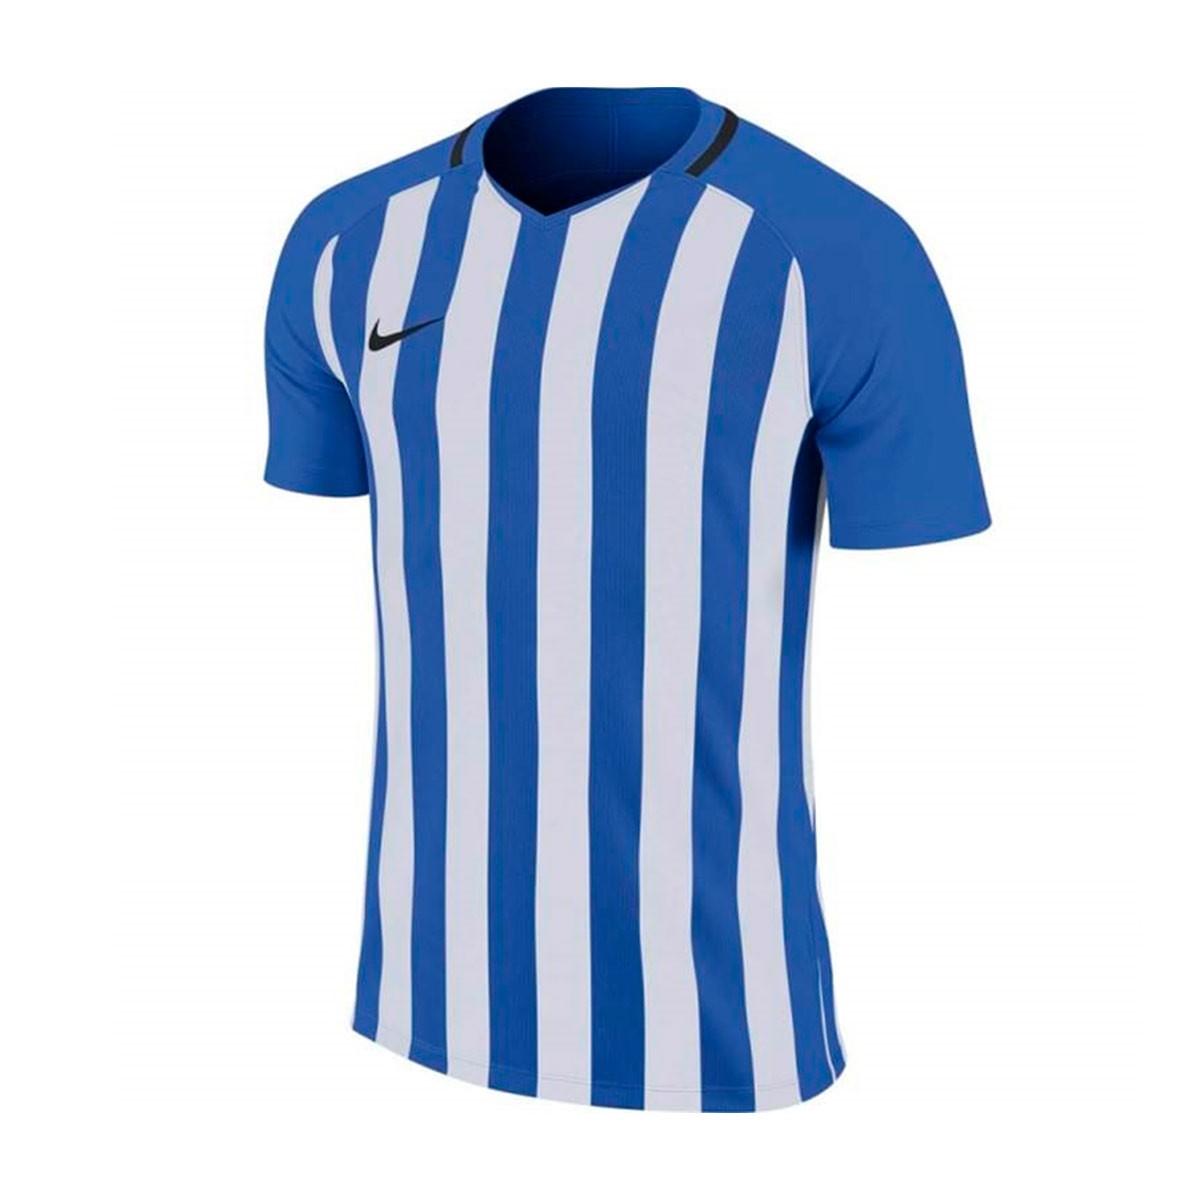 Camiseta Striped Division III mc Niño Royal blue White